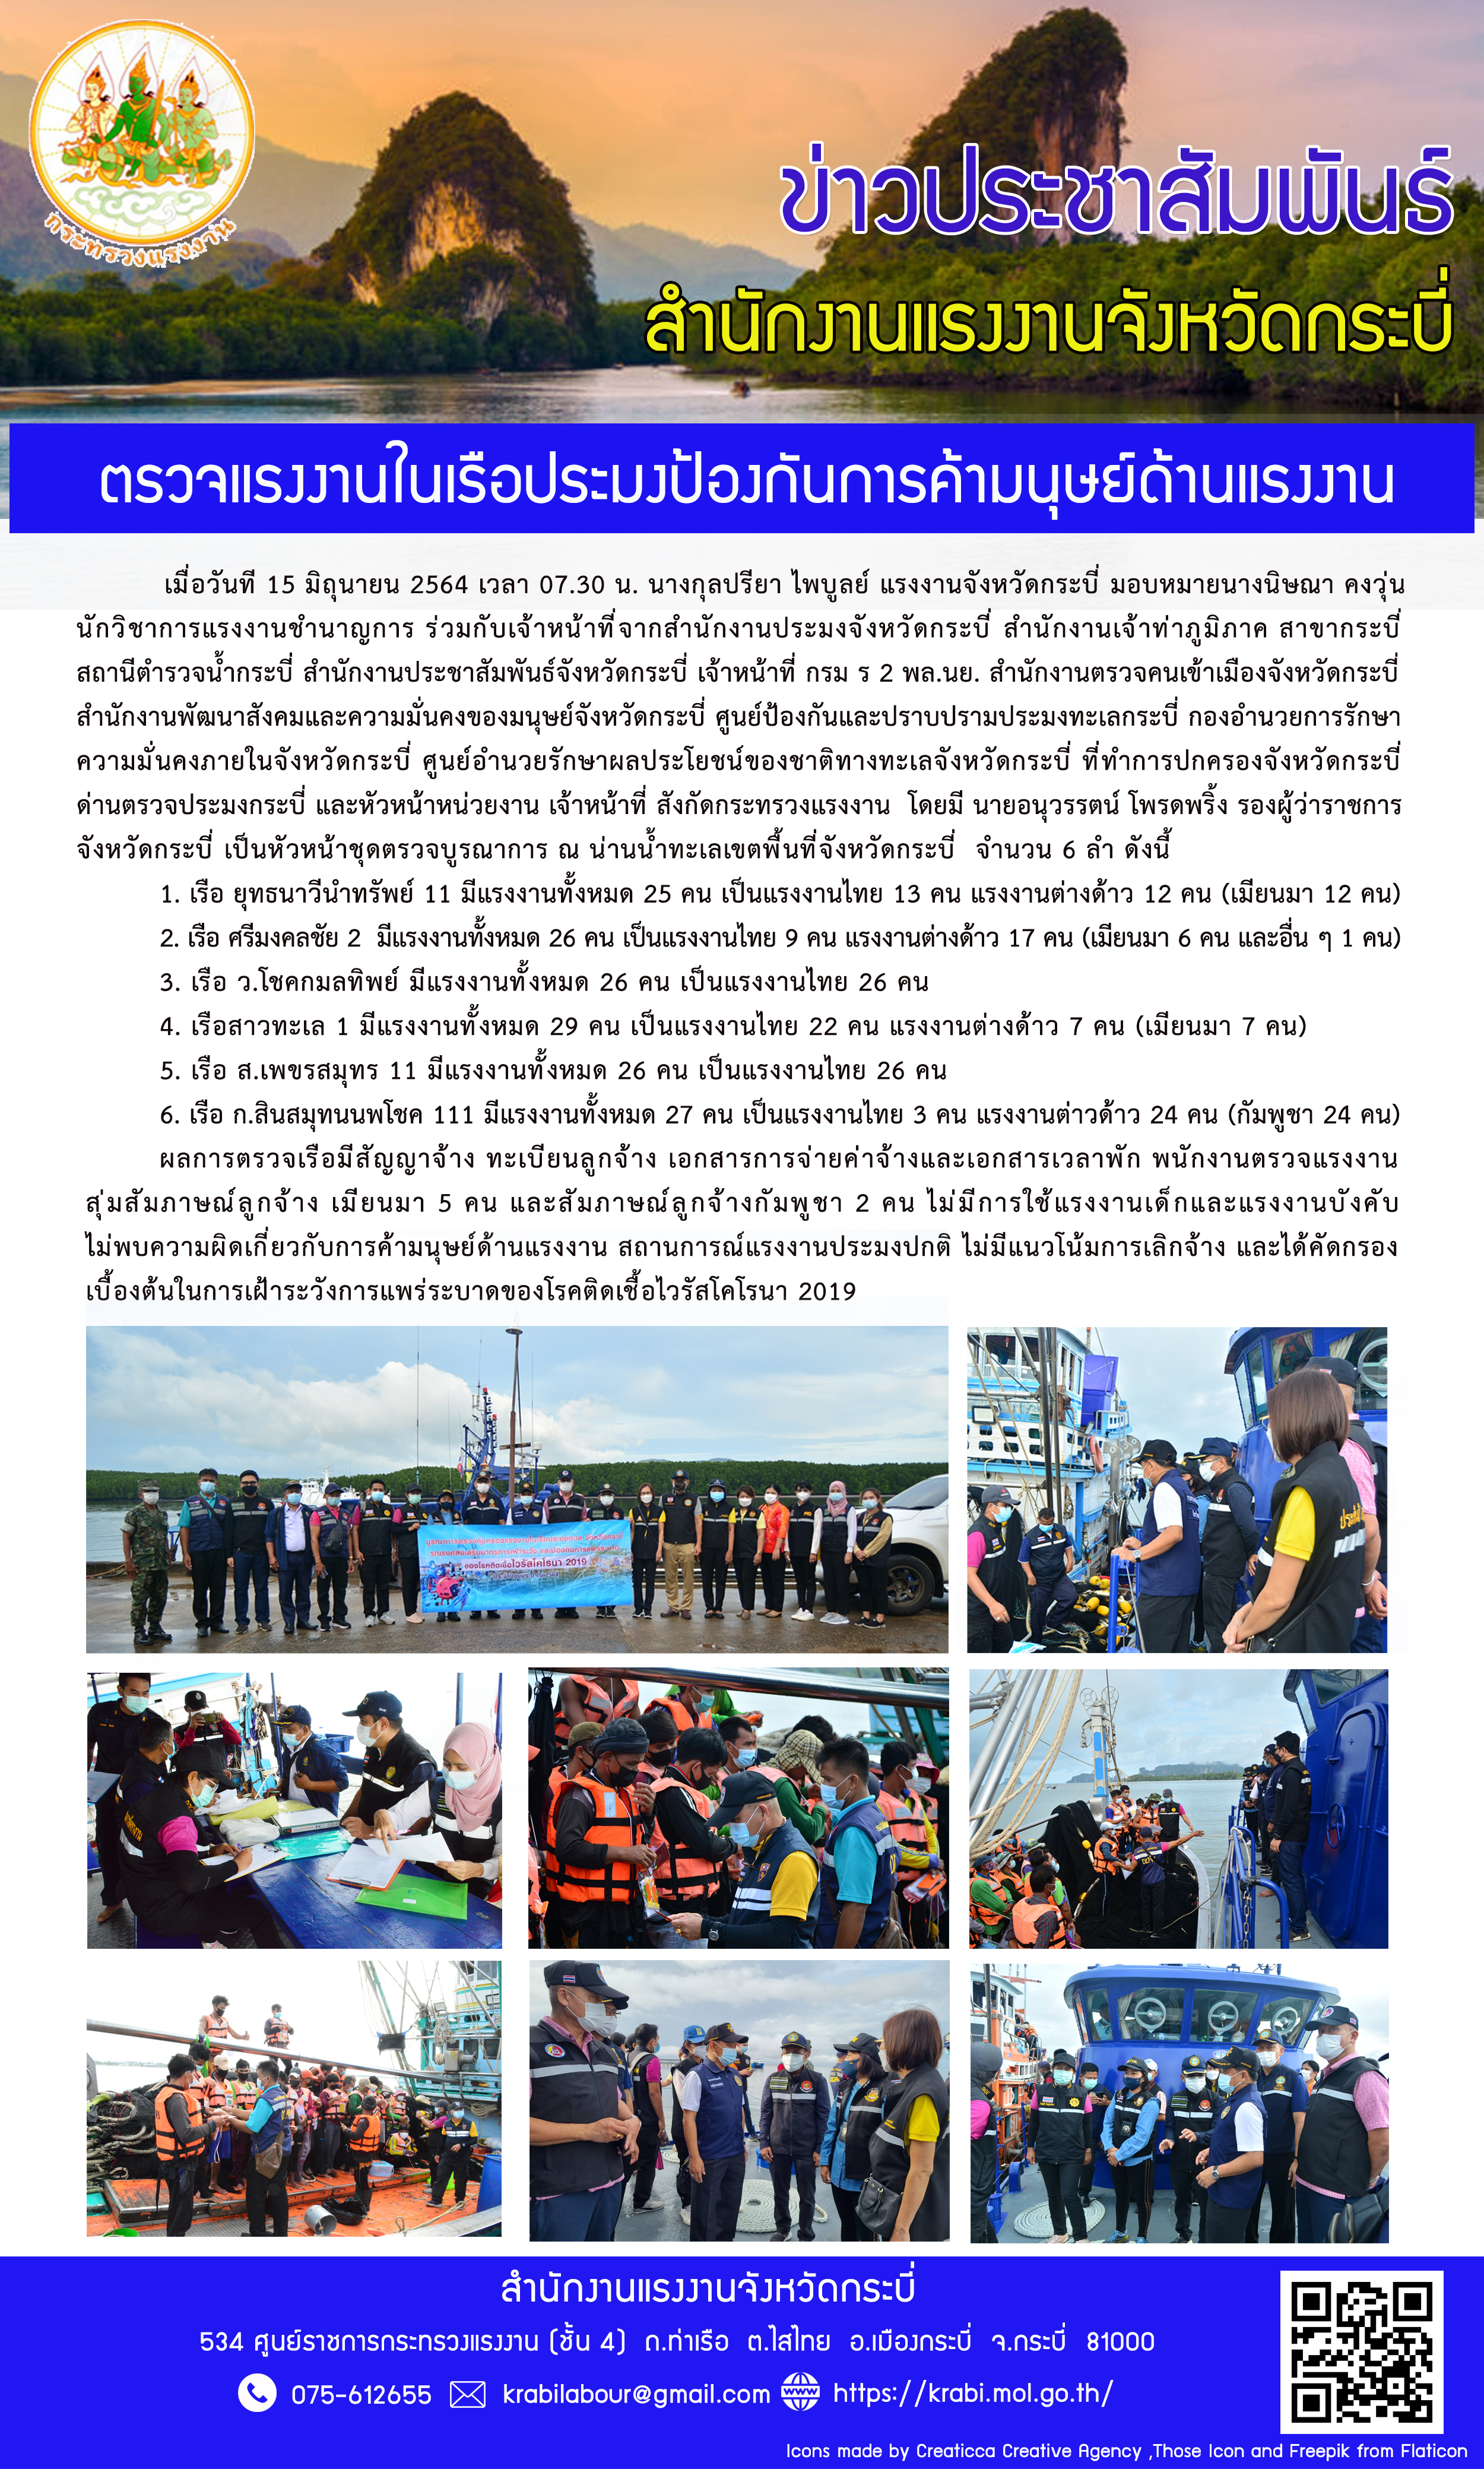 ตรวจแรงงานในเรือประมงป้องกันการค้ามนุษย์ด้านแรงงาน